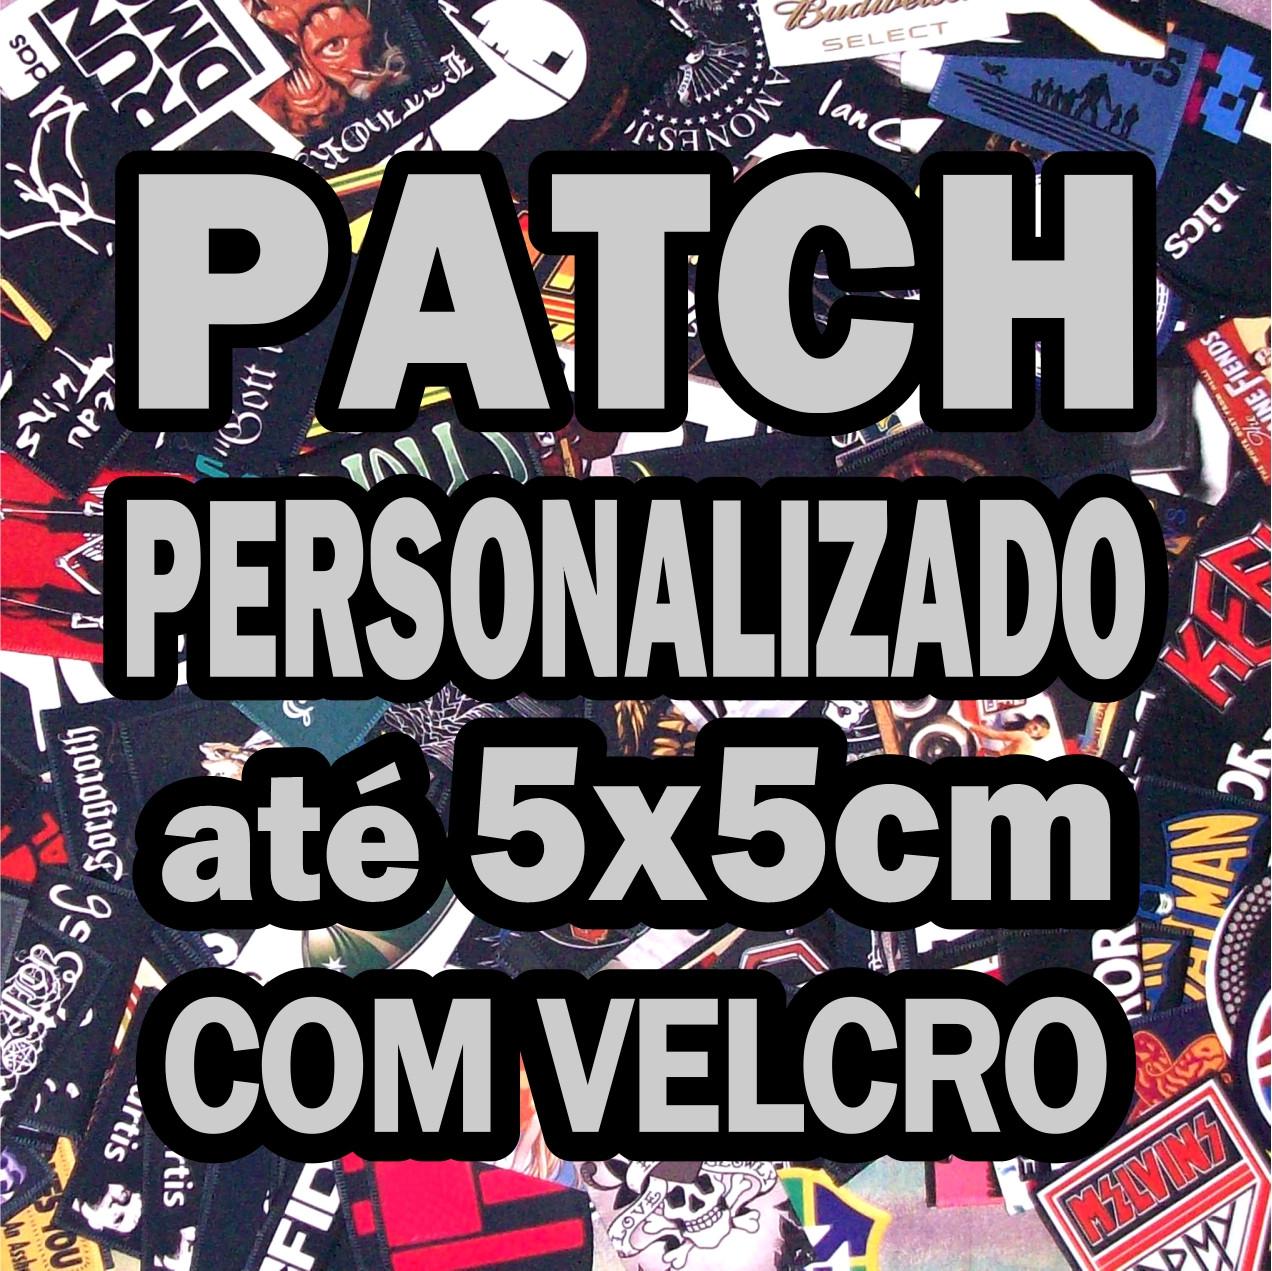 PATCH COM VELCRO PERSONALIZADO ATÉ 5x5CM